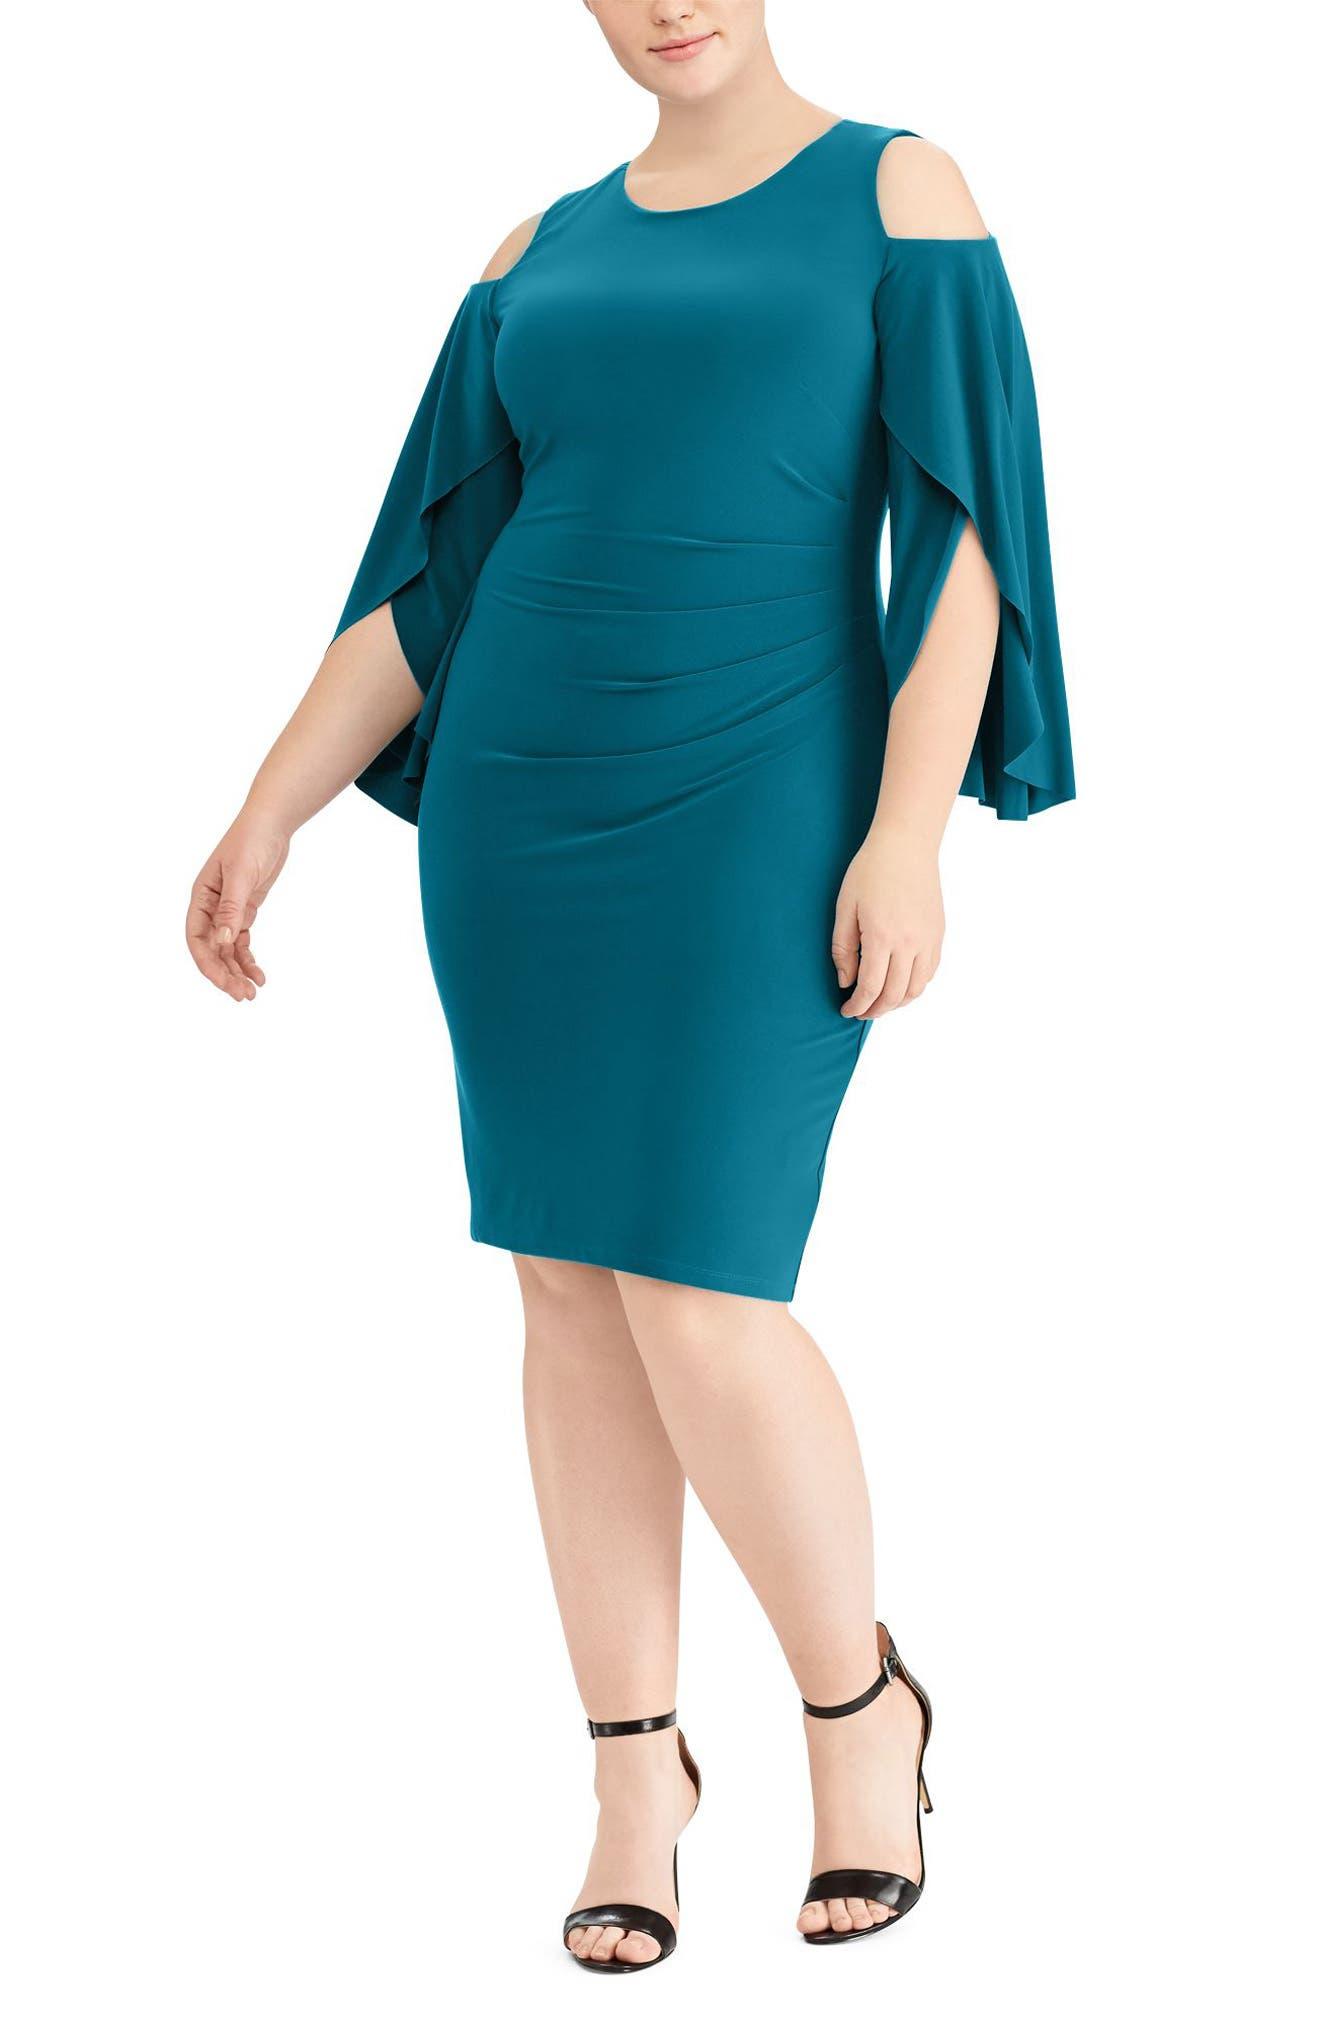 Debbie Cold-Shoulder Dress,                         Main,                         color, French Teal